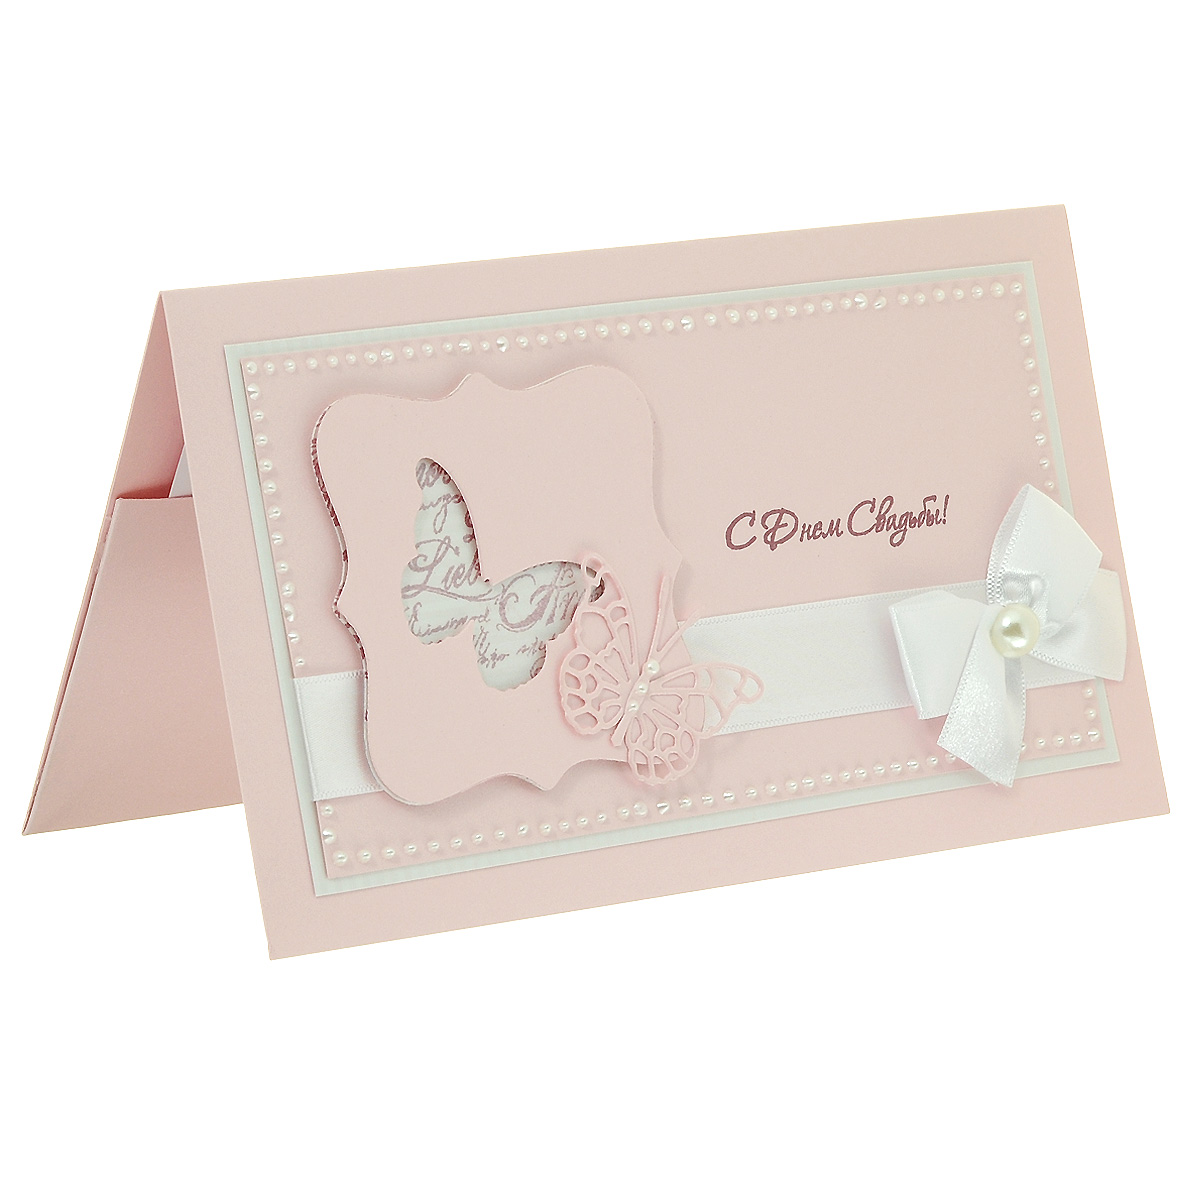 ОСВ-0005 Открытка-конверт «С Днём Свадьбы!». Студия «Тётя Роза»94974_влюбленная параХарактеристики: Размер 19 см x 11 см.Материал: Высоко-художественный картон, бумага, декор. Данная открытка может стать как прекрасным дополнением к вашему подарку, так и самостоятельным подарком. Так как открытка является и конвертом, в который вы можете вложить ваш денежный подарок или просто написать ваши пожелания на вкладыше. Очень нежное поздравление выполнено в чистых розовых тонах. Многослойность решения фасадной части эффектно подчеркнуто цепочкой жемчужных полубусинок по краю. Ажурная бабочка нежно смотрится на открытке. Декорирована открытка белой атласной лентой с бантиком и жемчужинкой. Также открытка упакована в пакетик для сохранности.Обращаем Ваше внимание на то, что открытка может незначительно отличаться от представленной на фото.Открытки ручной работы от студии Тётя Роза отличаются своим неповторимым и ярким стилем. Каждая уникальна и выполнена вручную мастерами студии. (Открытка для мужчин, открытка для женщины, открытка на день рождения, открытка с днем свадьбы, открытка винтаж, открытка с юбилеем, открытка на все случаи, скрапбукинг)